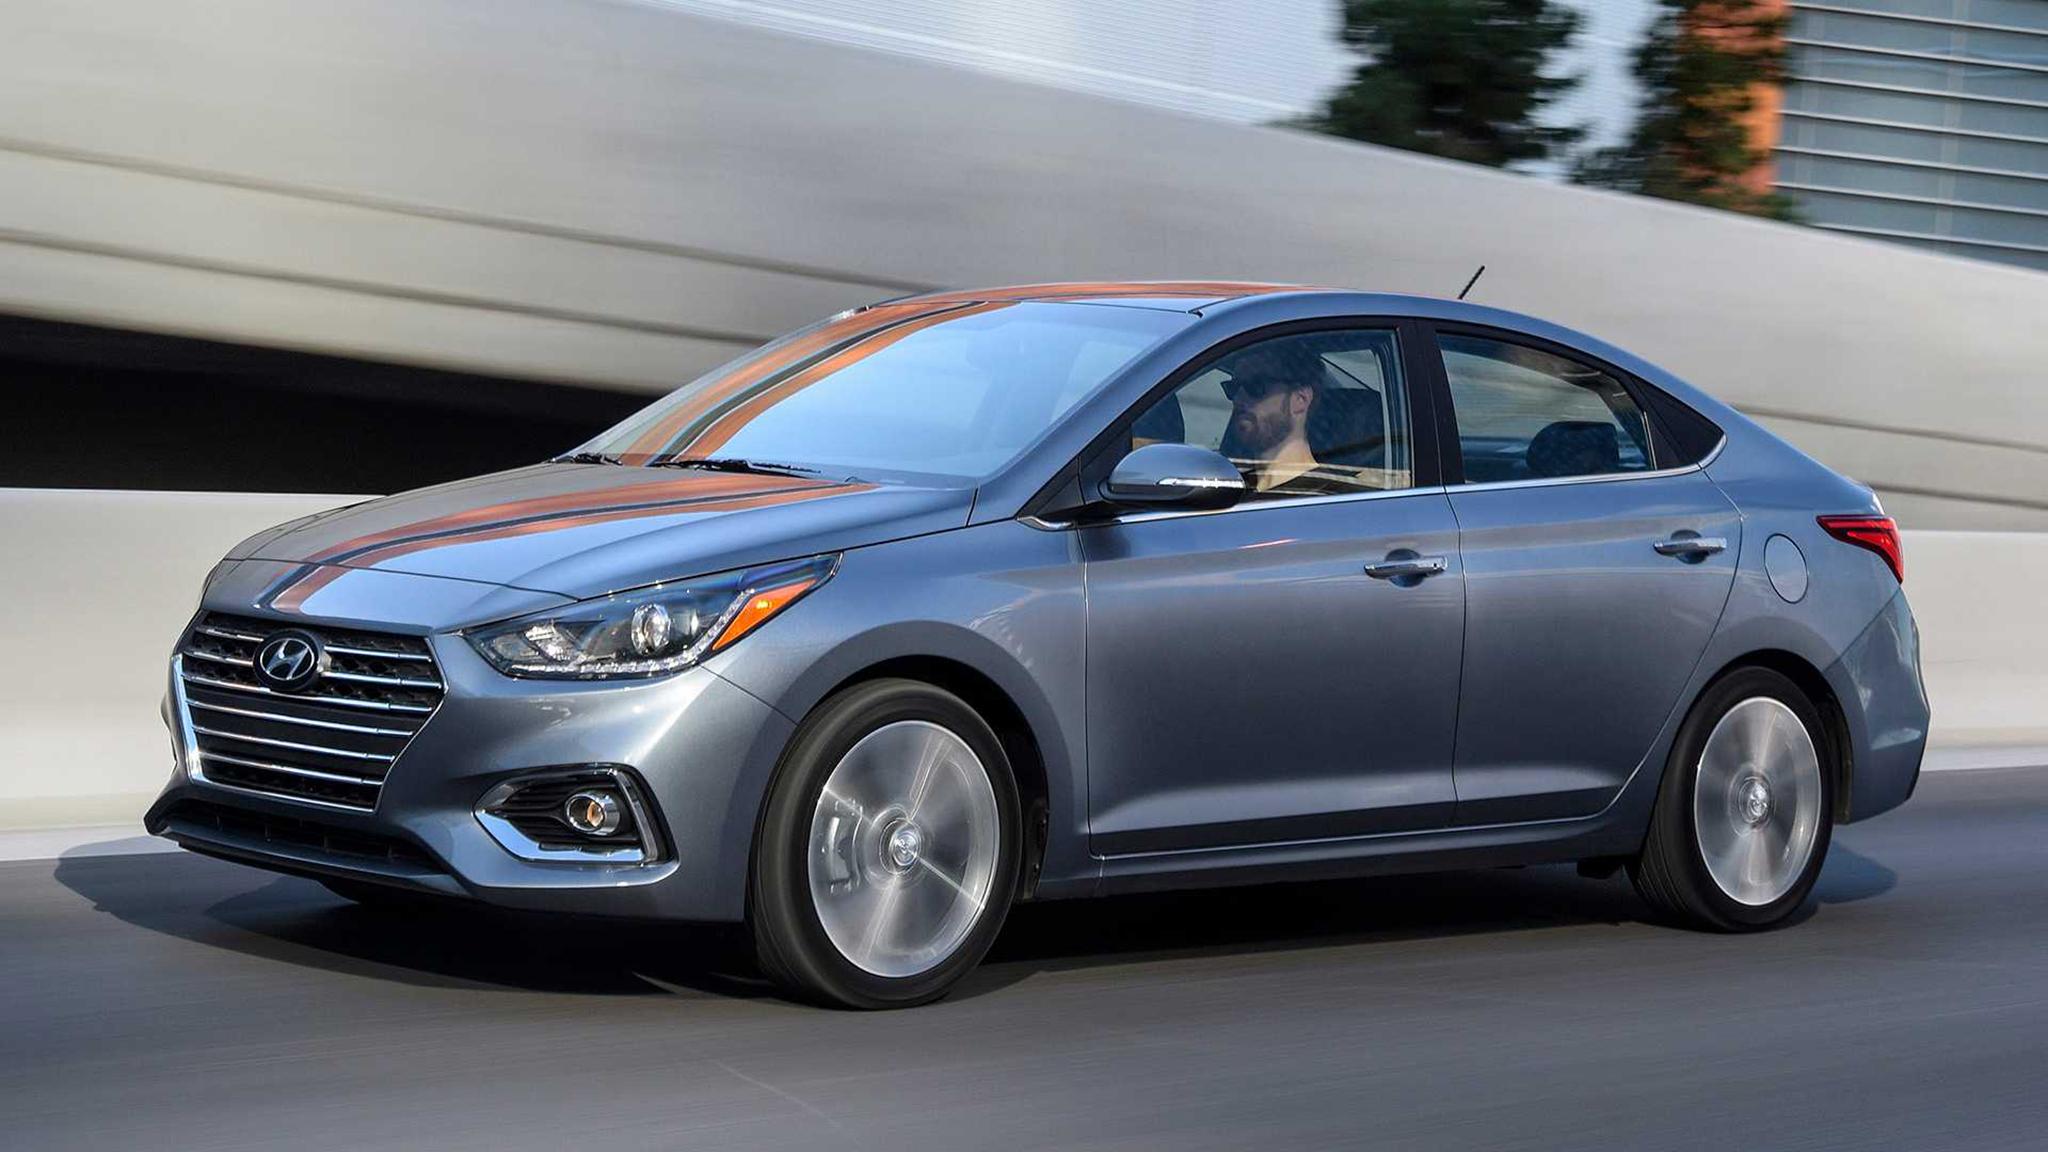 Hyundai Accent 2020 được trang bị động cơ mới, giá từ 16.125 USD